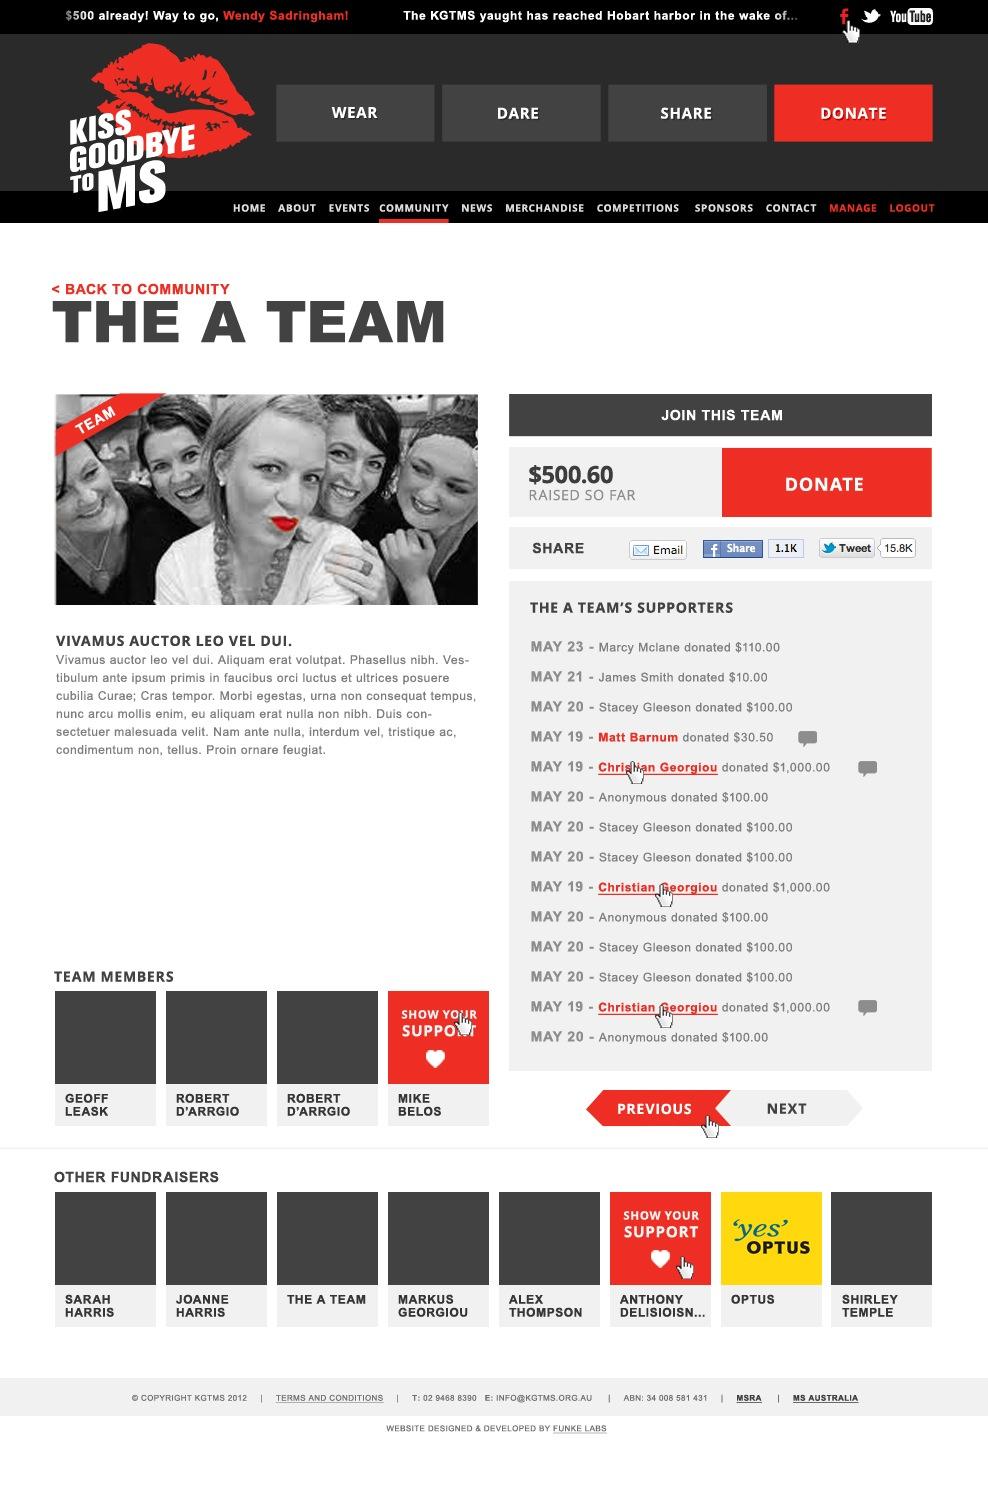 KGTMS_keyscreen_team profile_v4.JPG